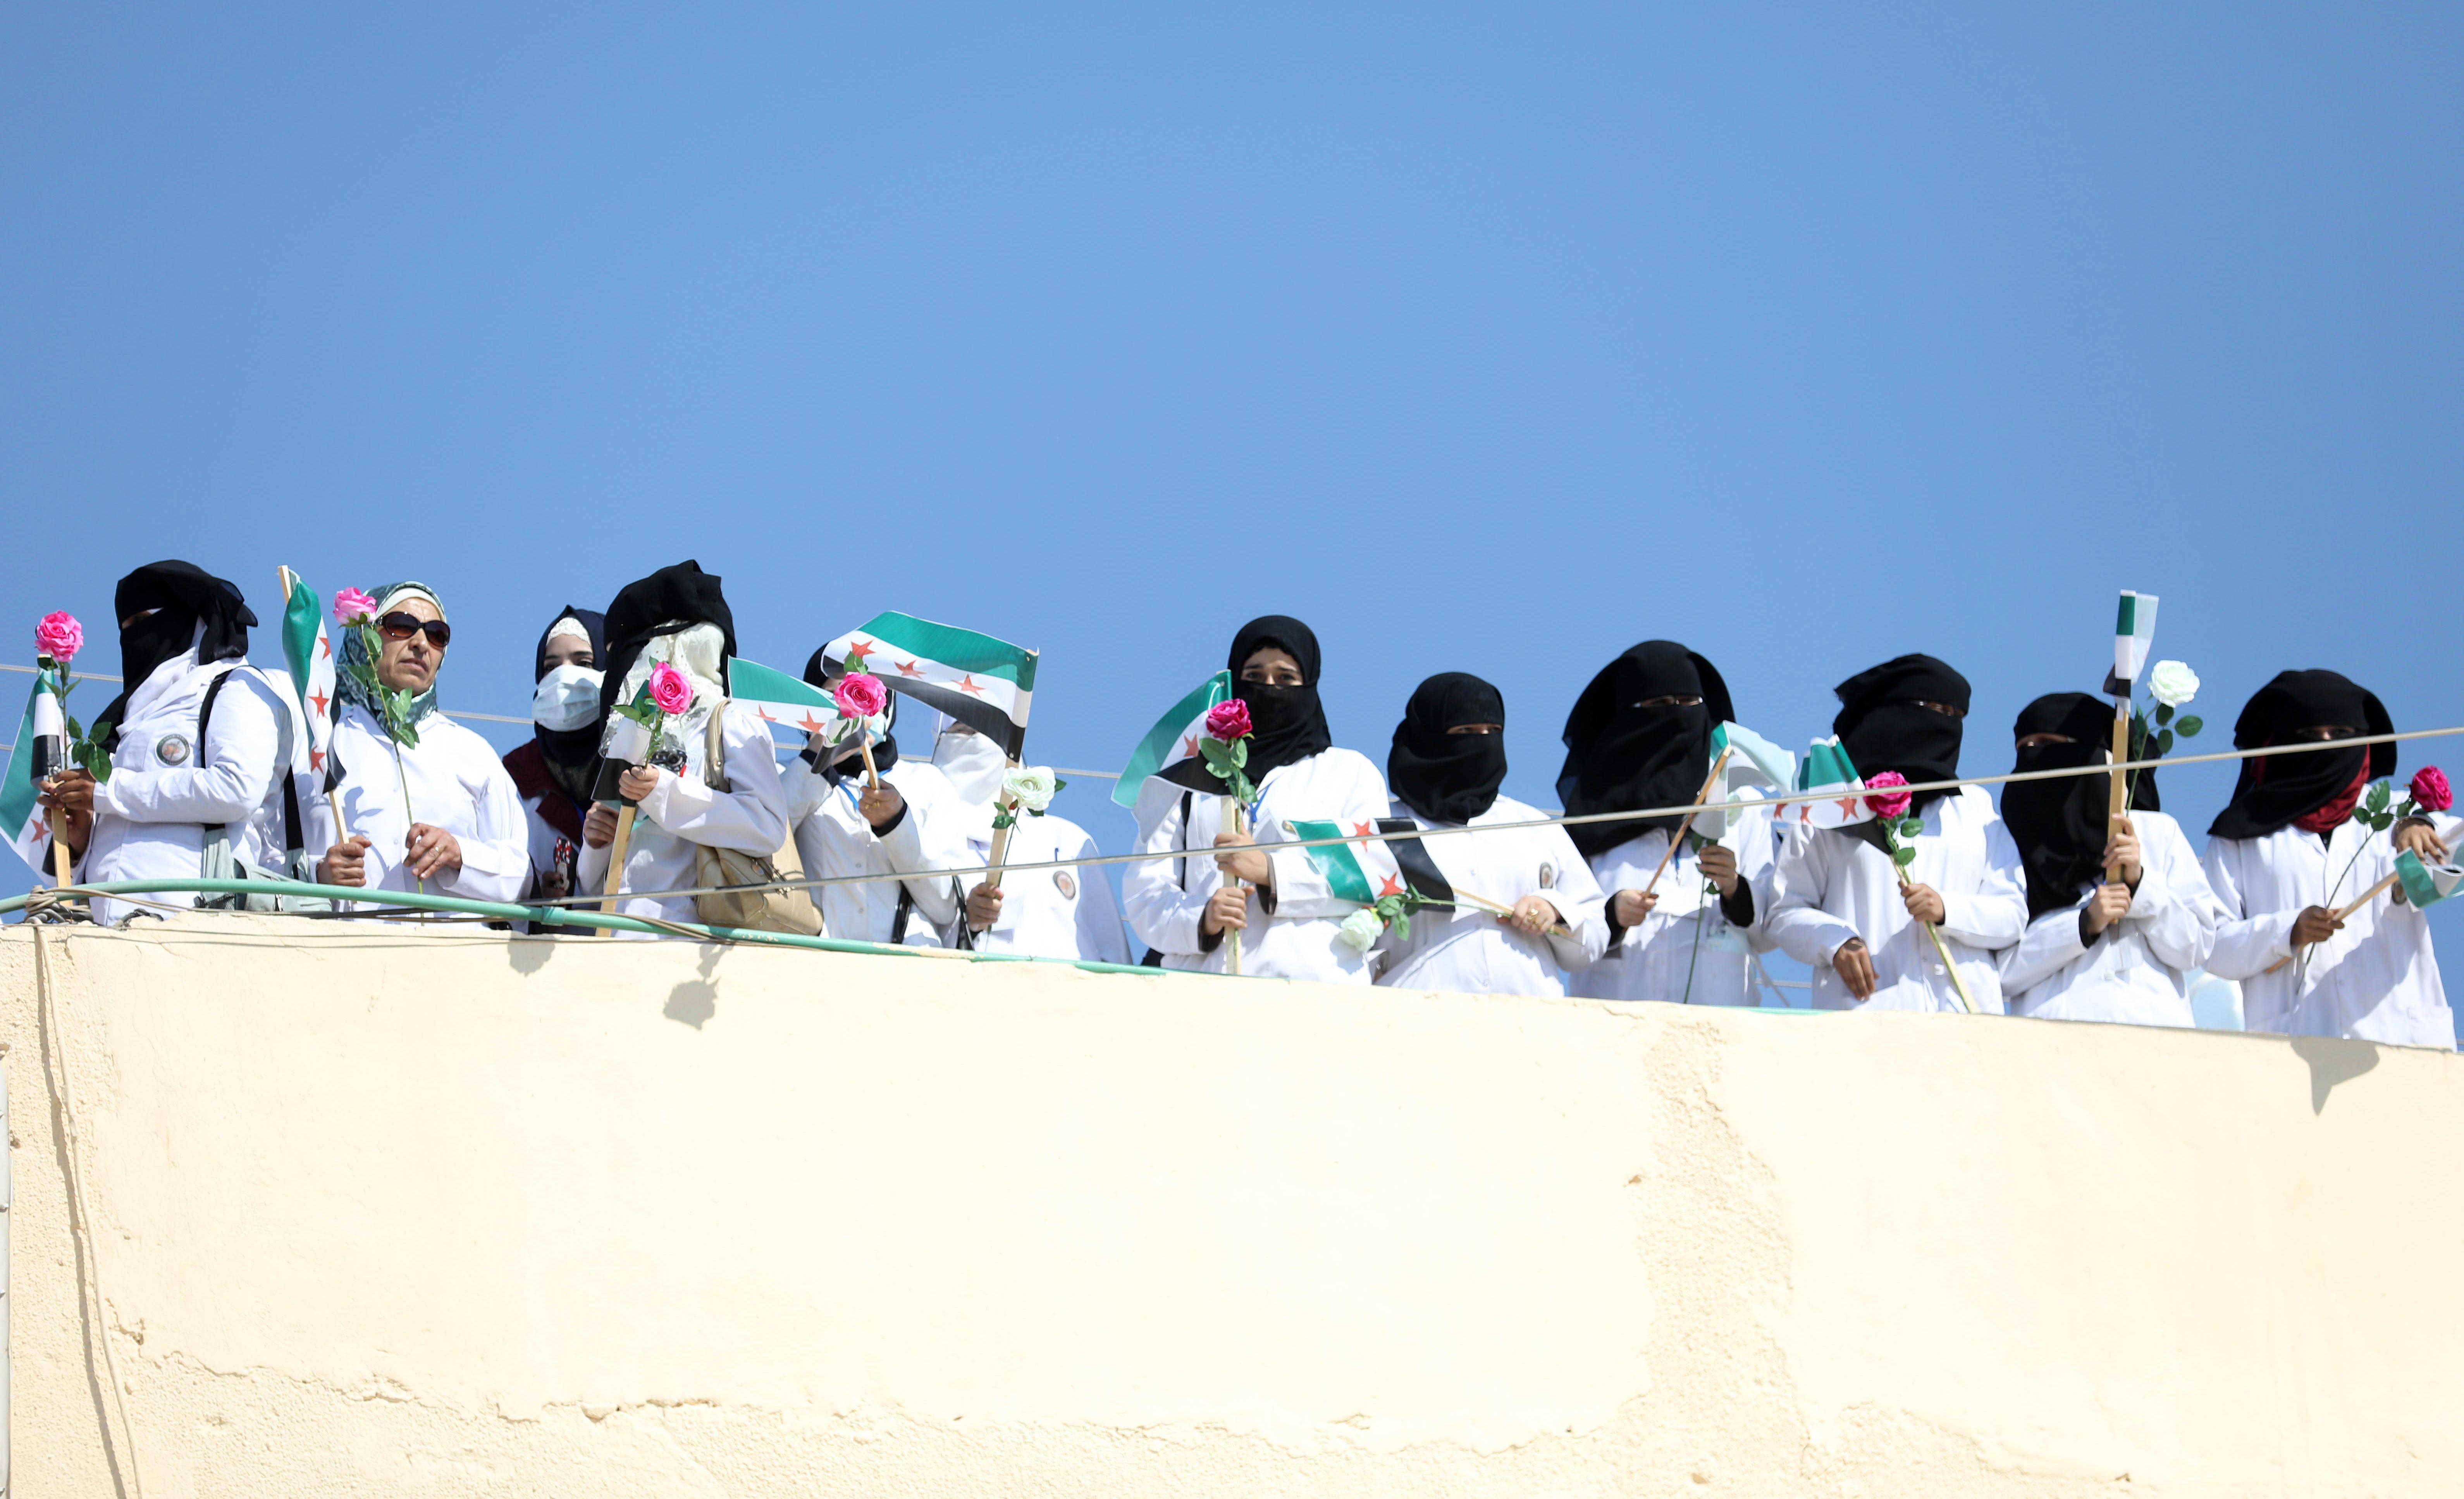 ممرضات يحملن الورود في تظاهرات خرجت في إدلب